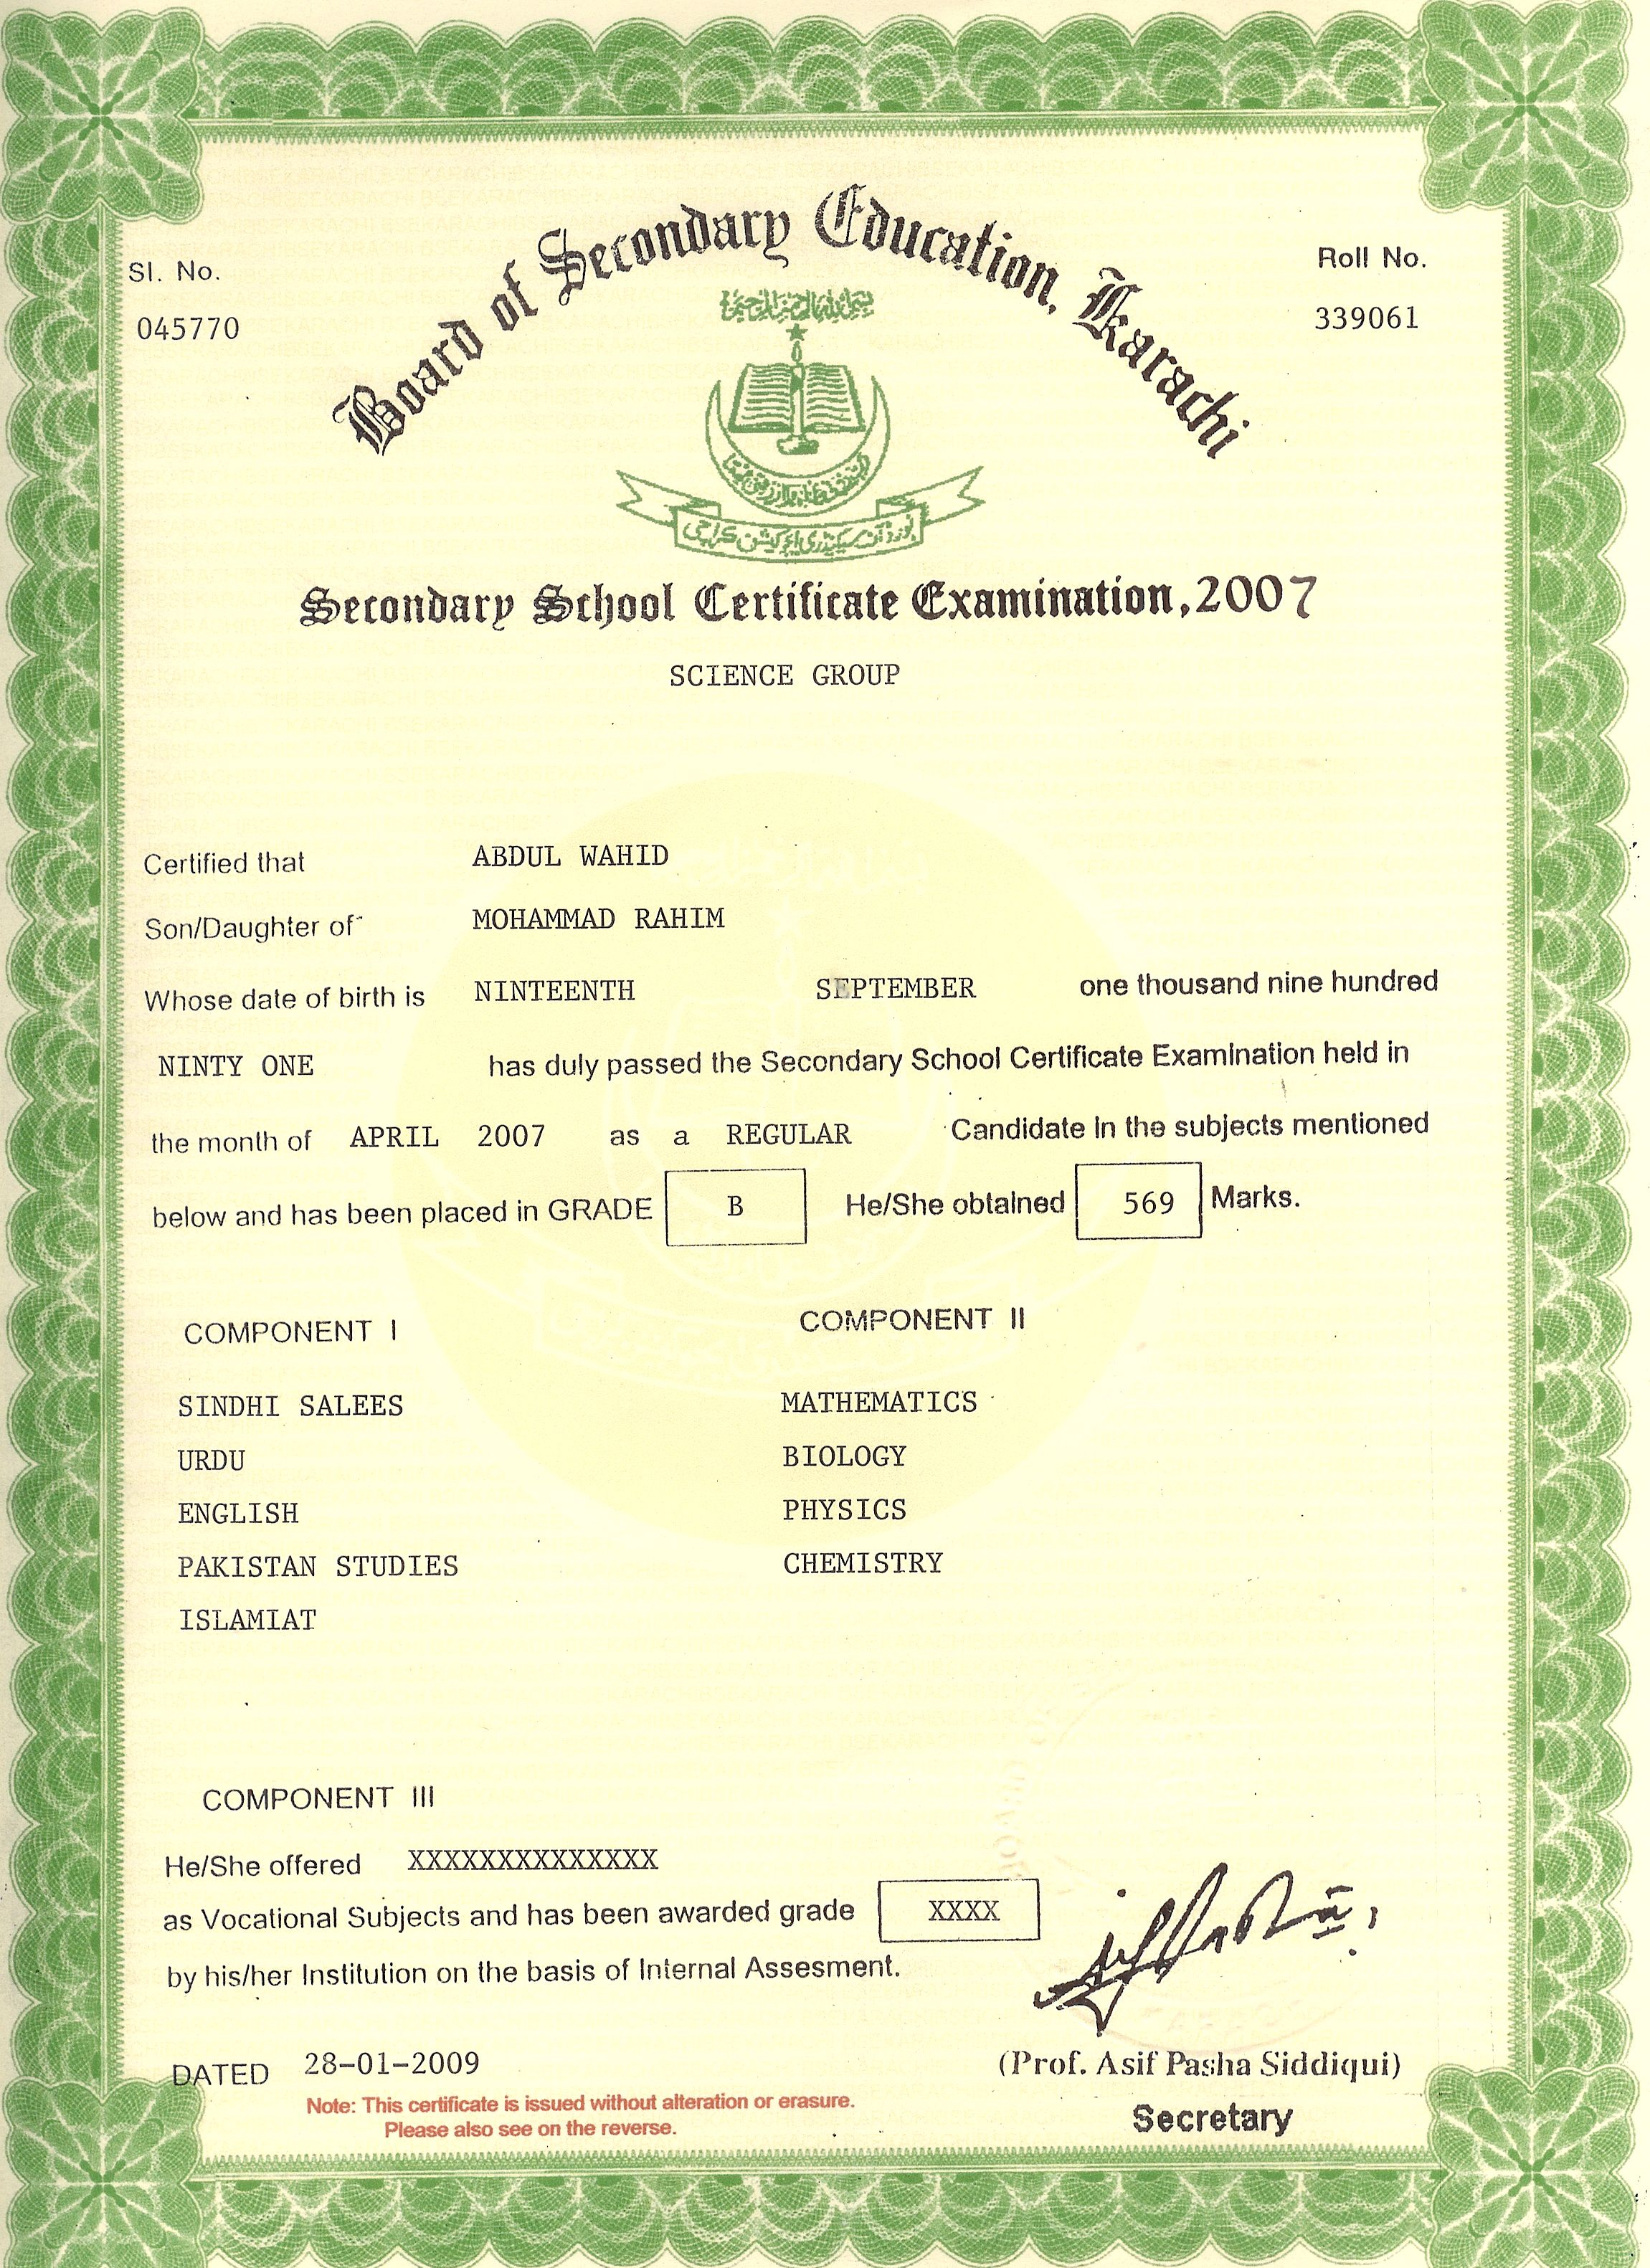 Interior Designer Certification Certificate, Exterior Design, Ux/ui Designer,  Certificate Of Deposit